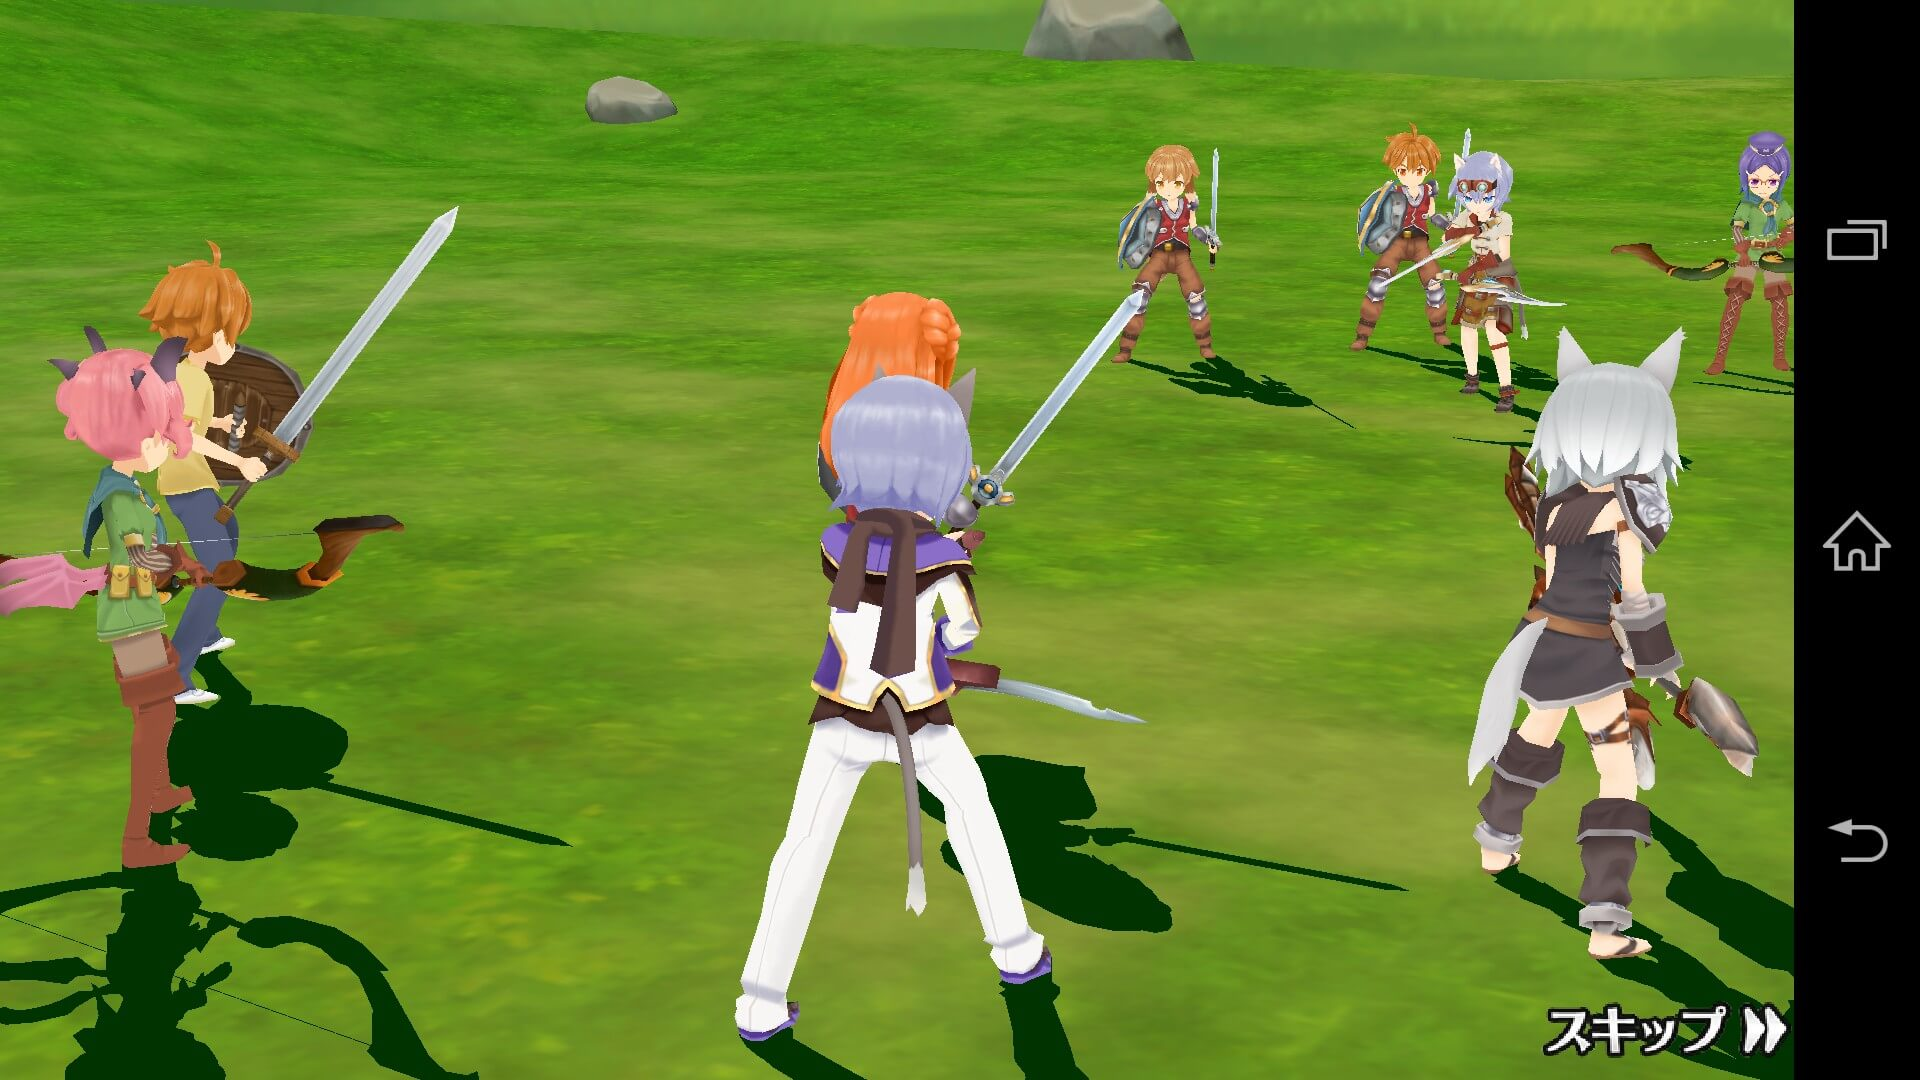 対戦で相手の班と自分の班が武器を構えて立っています。